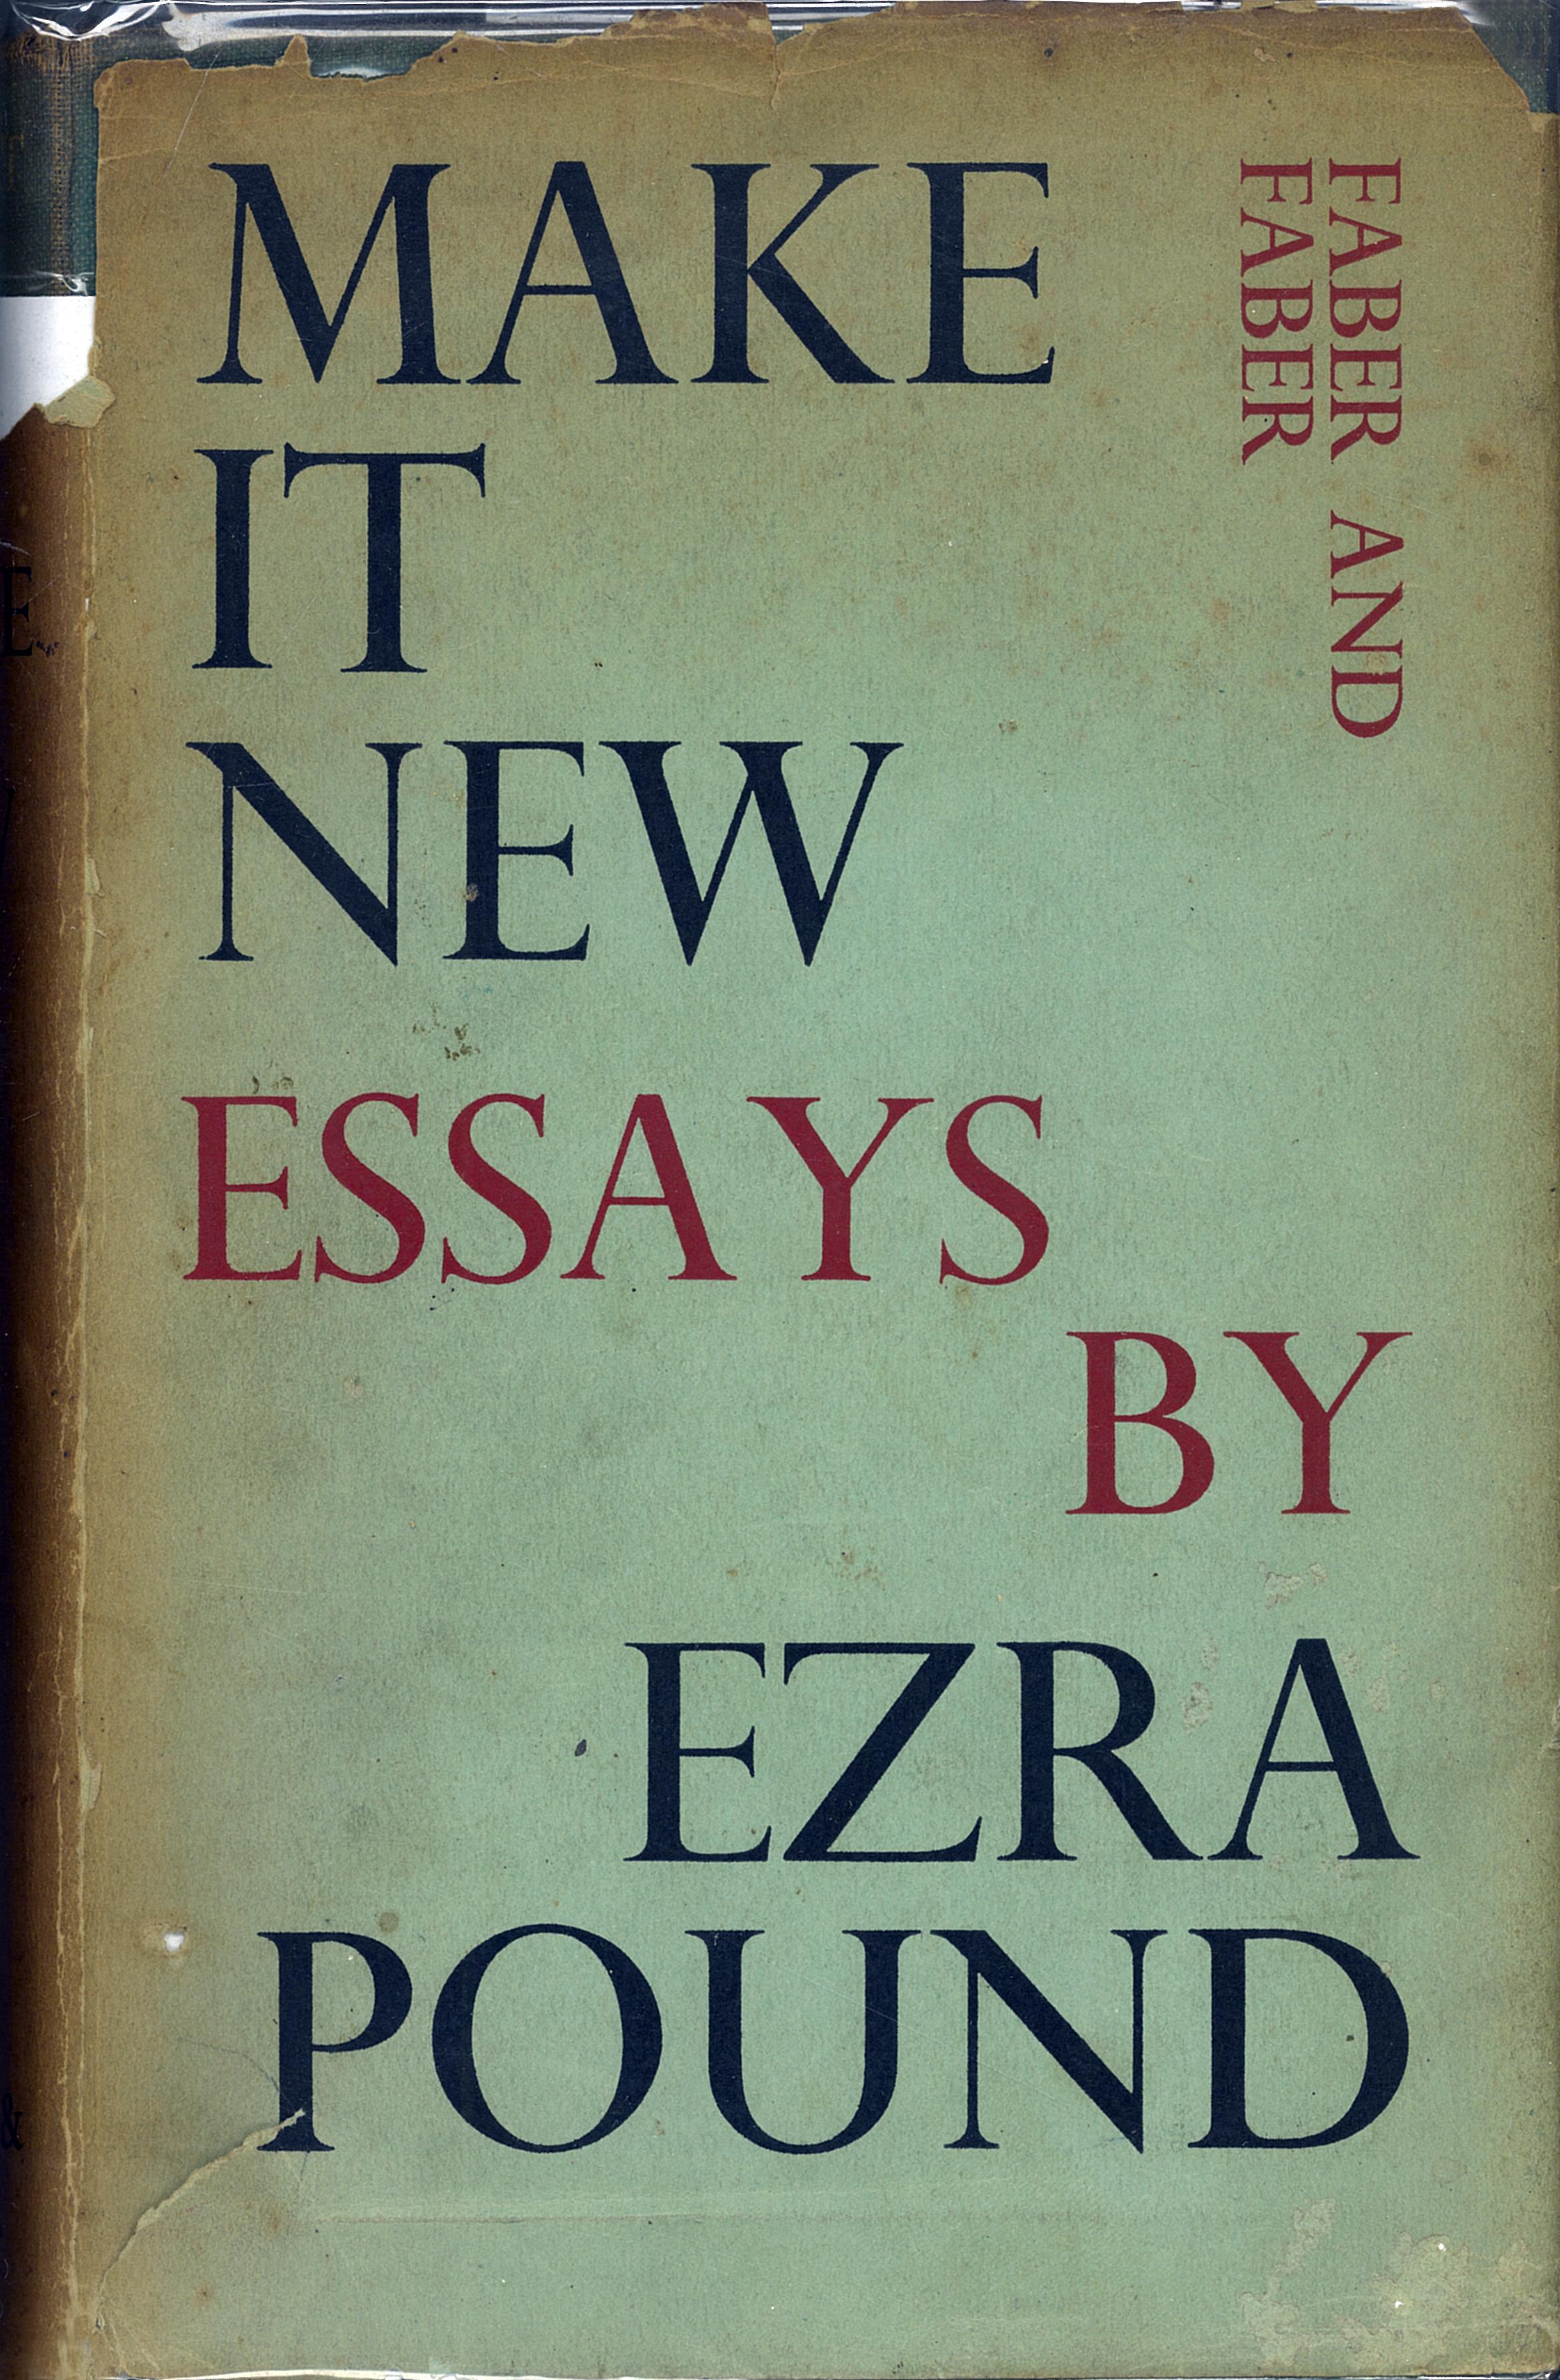 Ezra pound essay